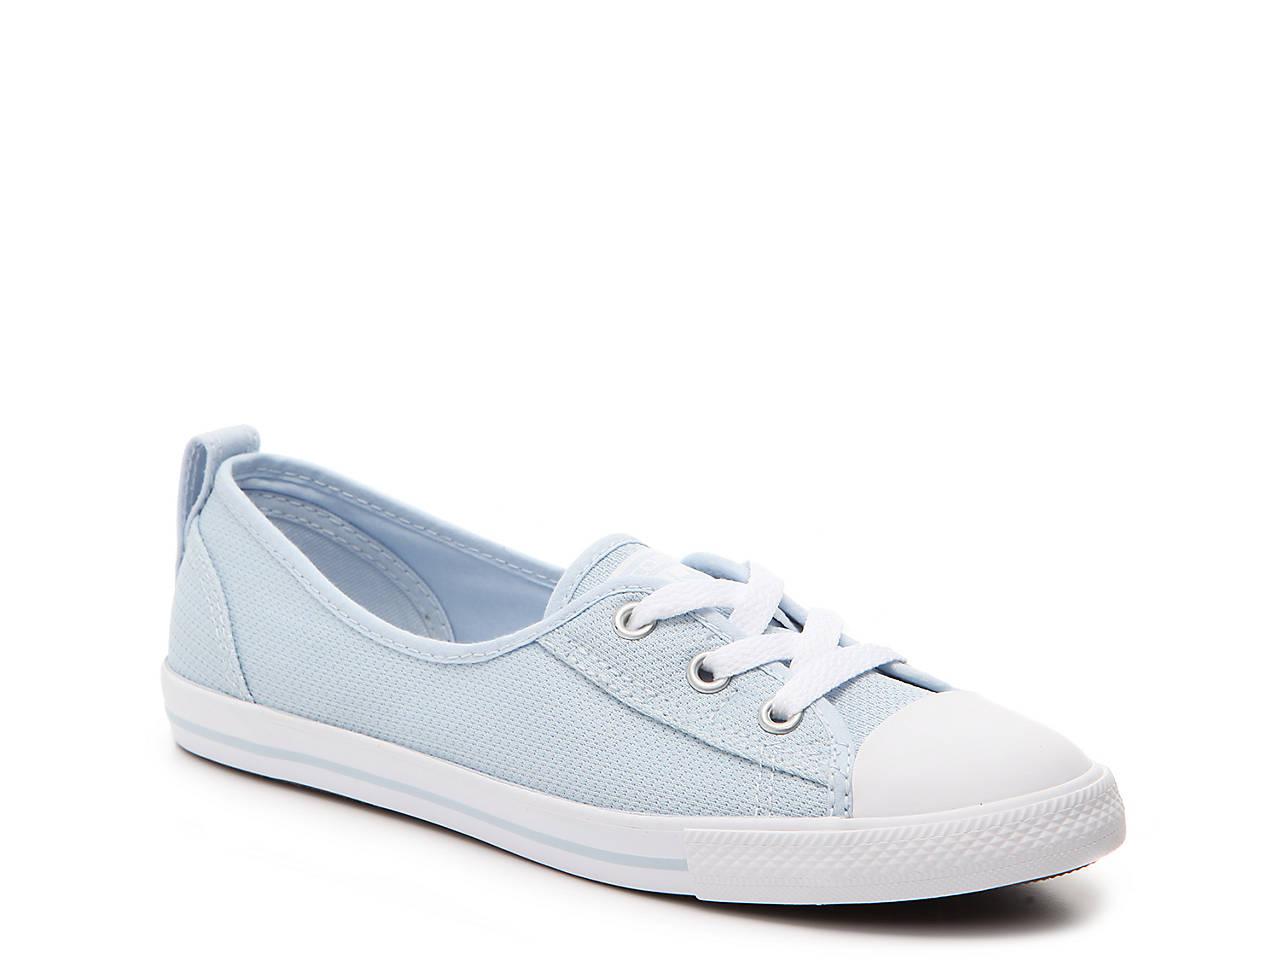 ade86352f722 Converse Chuck Taylor All Star Ballet Sneaker - Women s Women s ...